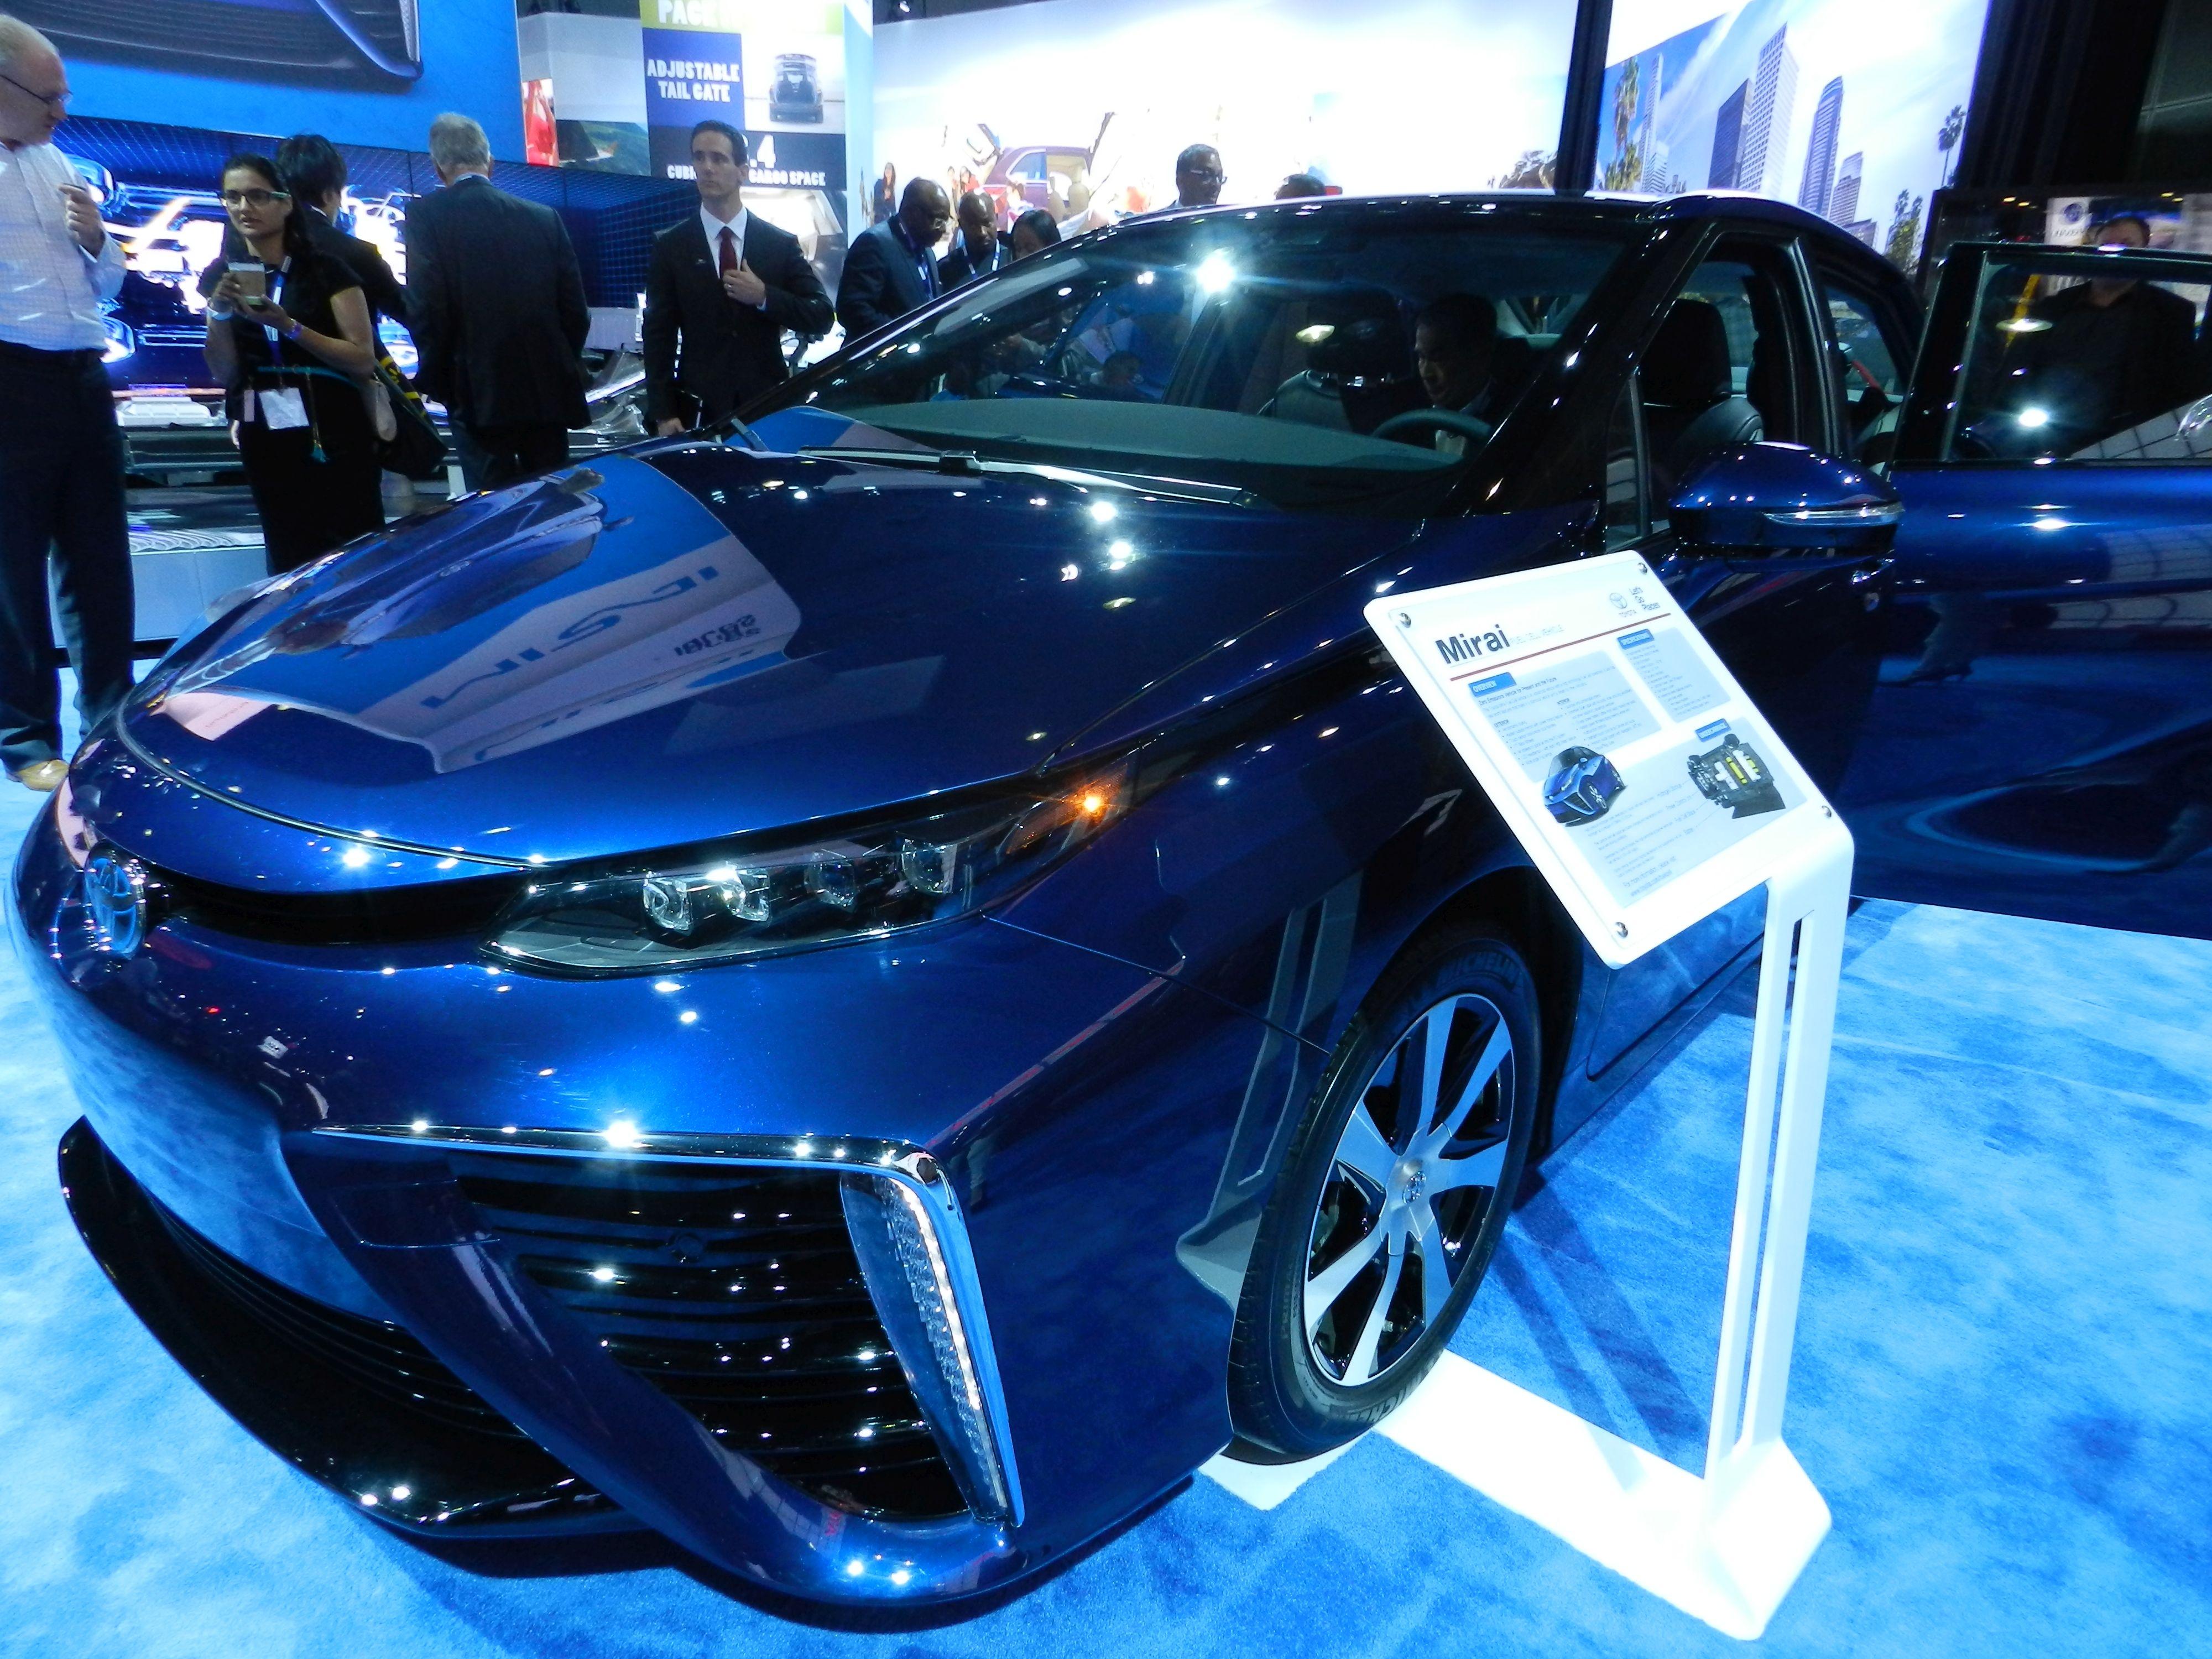 2014 L.A. Auto Show: Green Vehicles